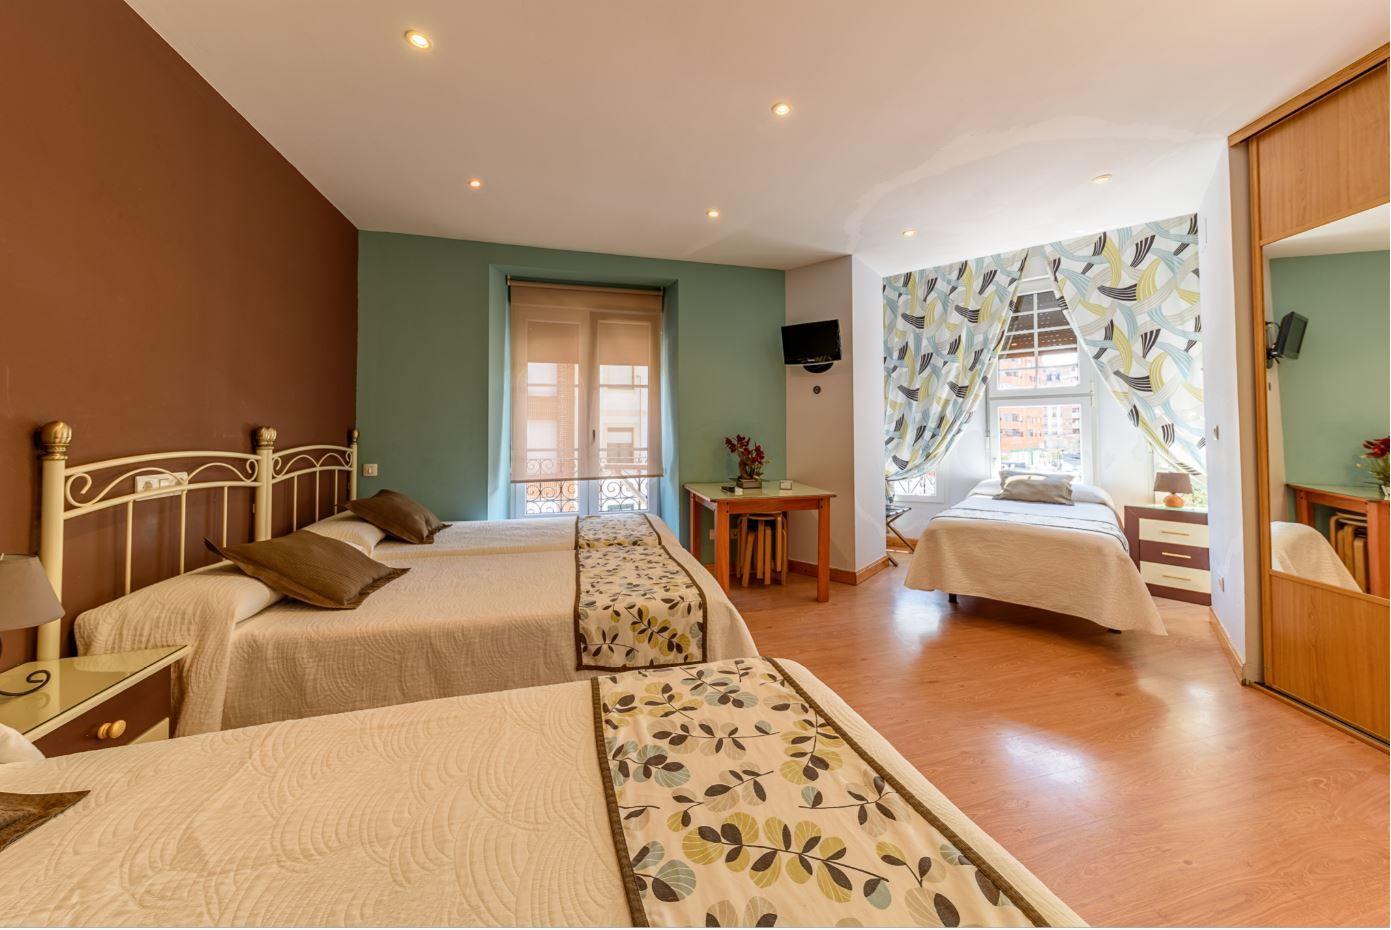 Habitación Cuadruple en hotel Castro Urdiales barato